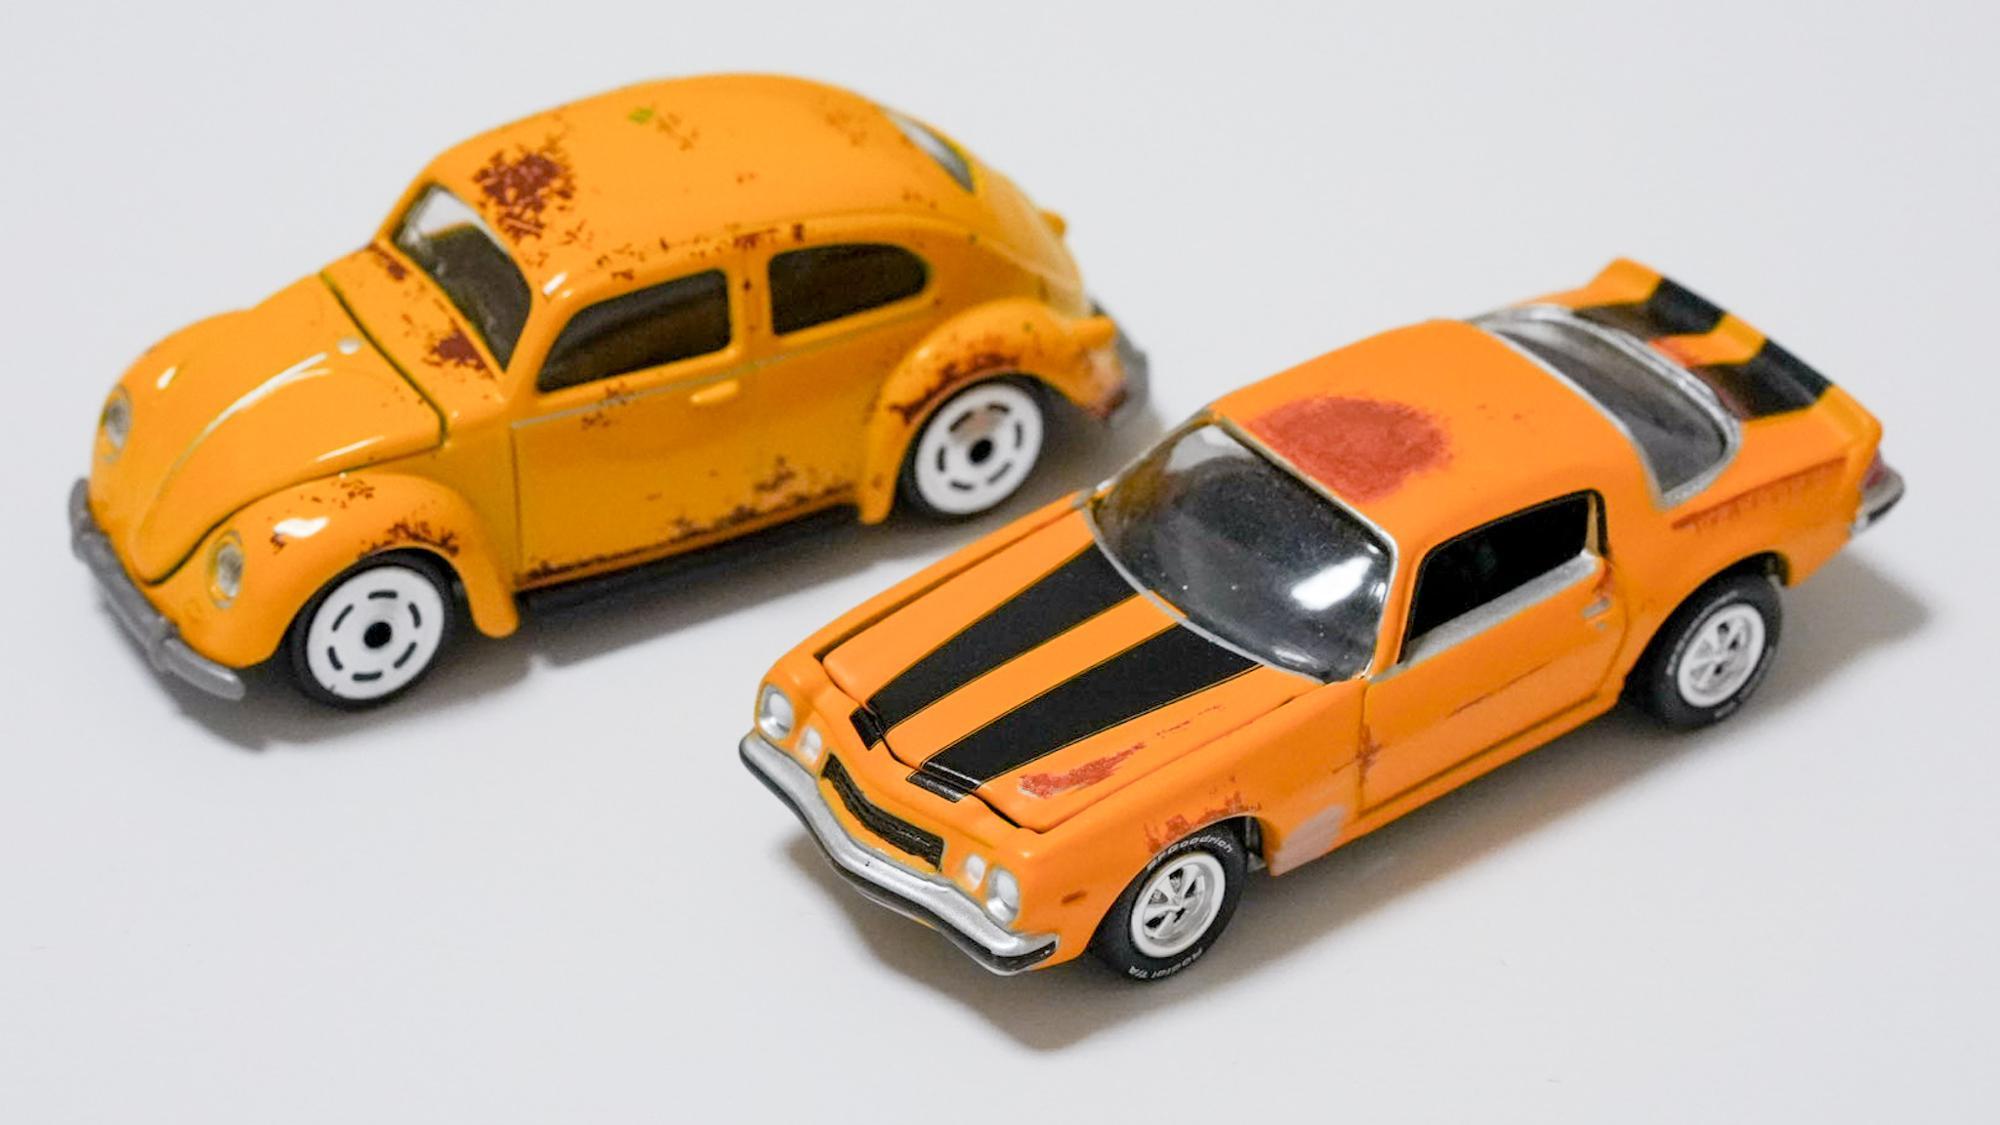 左から「バンブルビー カー オート」(DICKIE TOYS)、シボレー・カマロ 1977(Johnny Lightning)